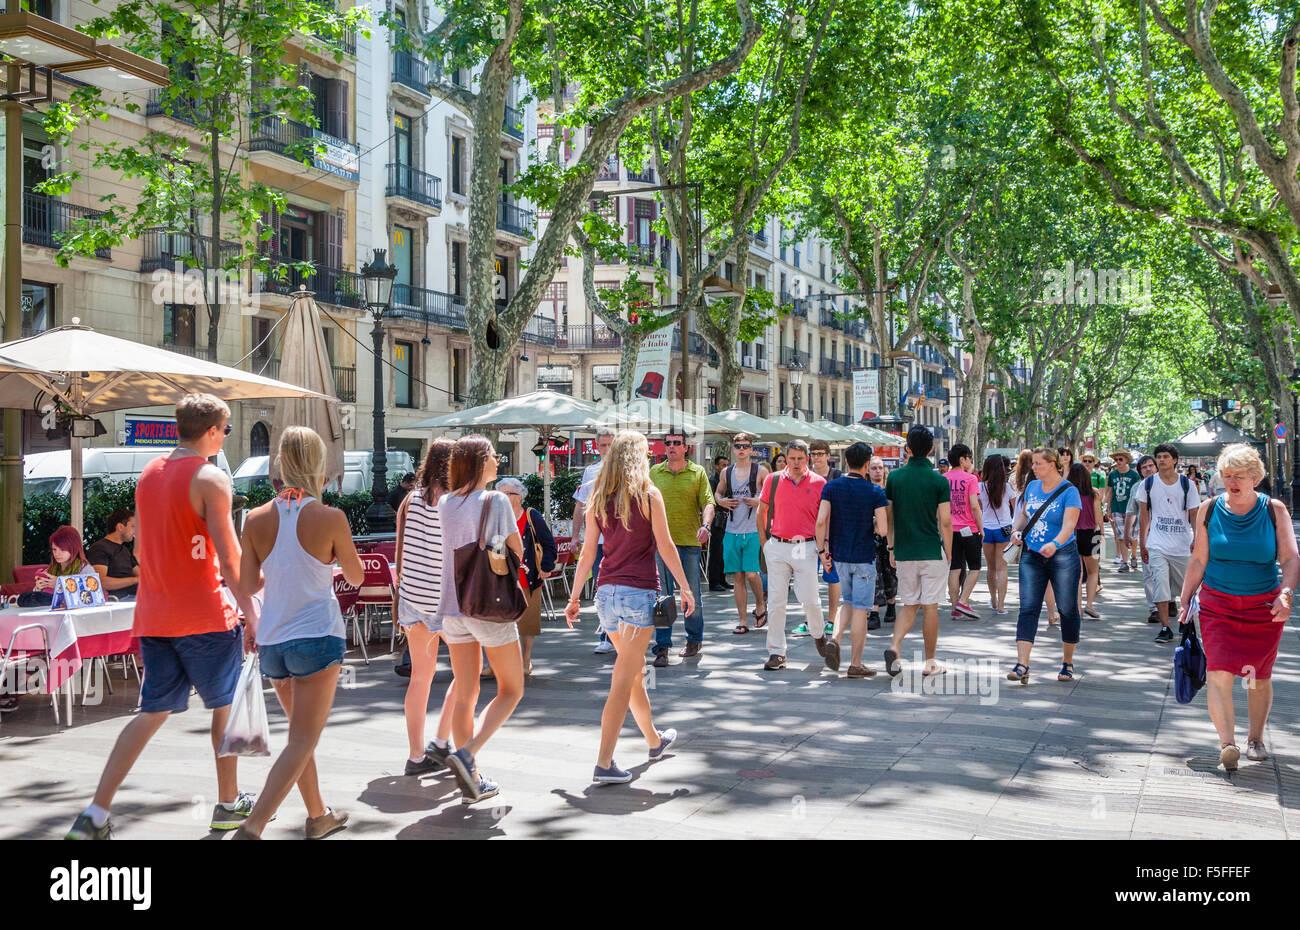 Espagne, Catalogne, Barcelone, La Rambla, centre commercial piétonnier bordé d'arbres, populaire auprès Photo Stock